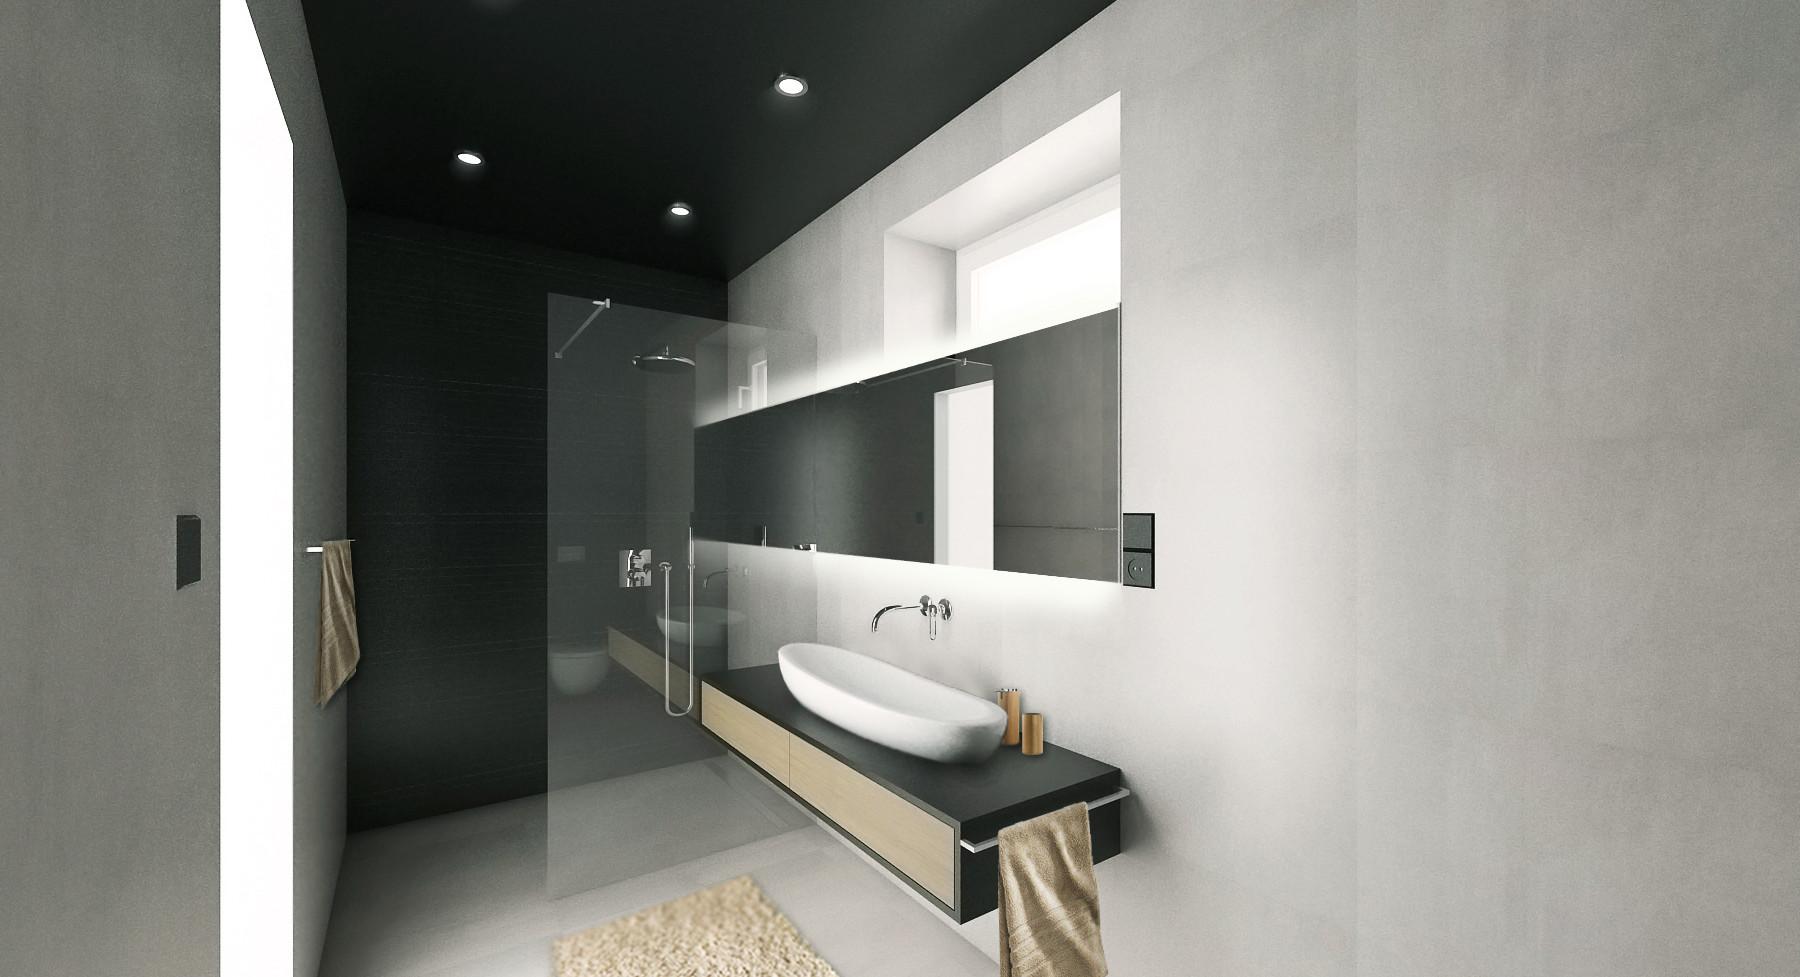 vizualizace: koupelna se sprchou